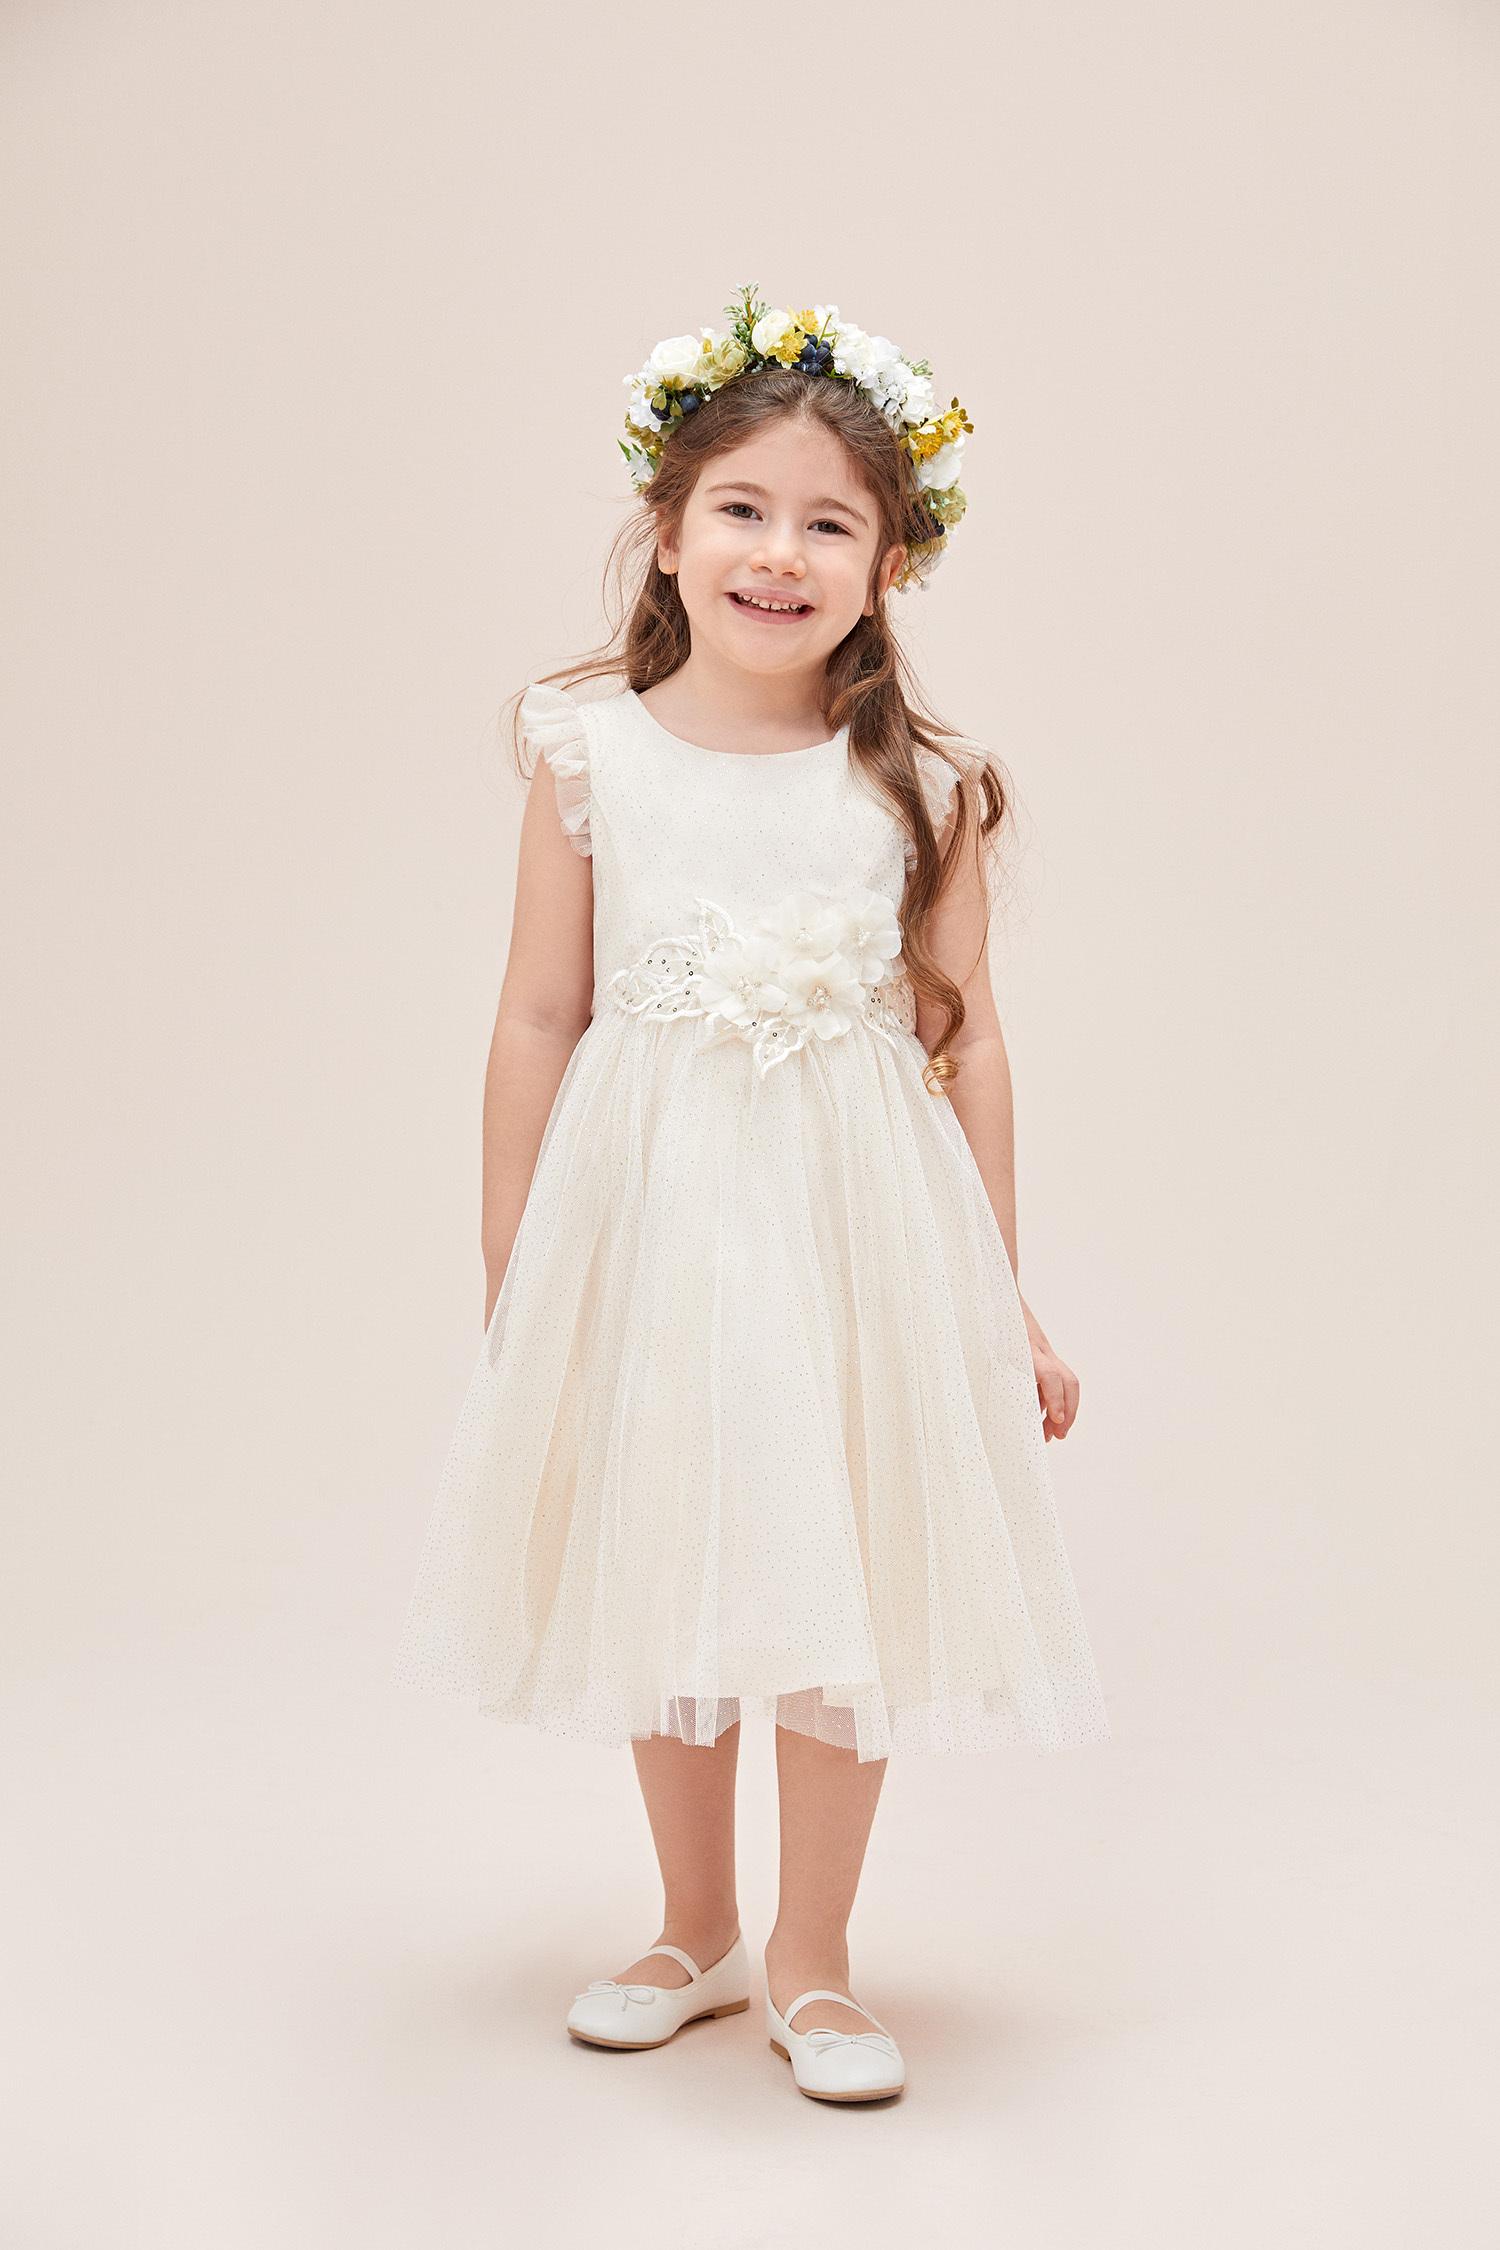 Gold Askılı Çiçek Detaylı Çocuk Elbisesi - Thumbnail